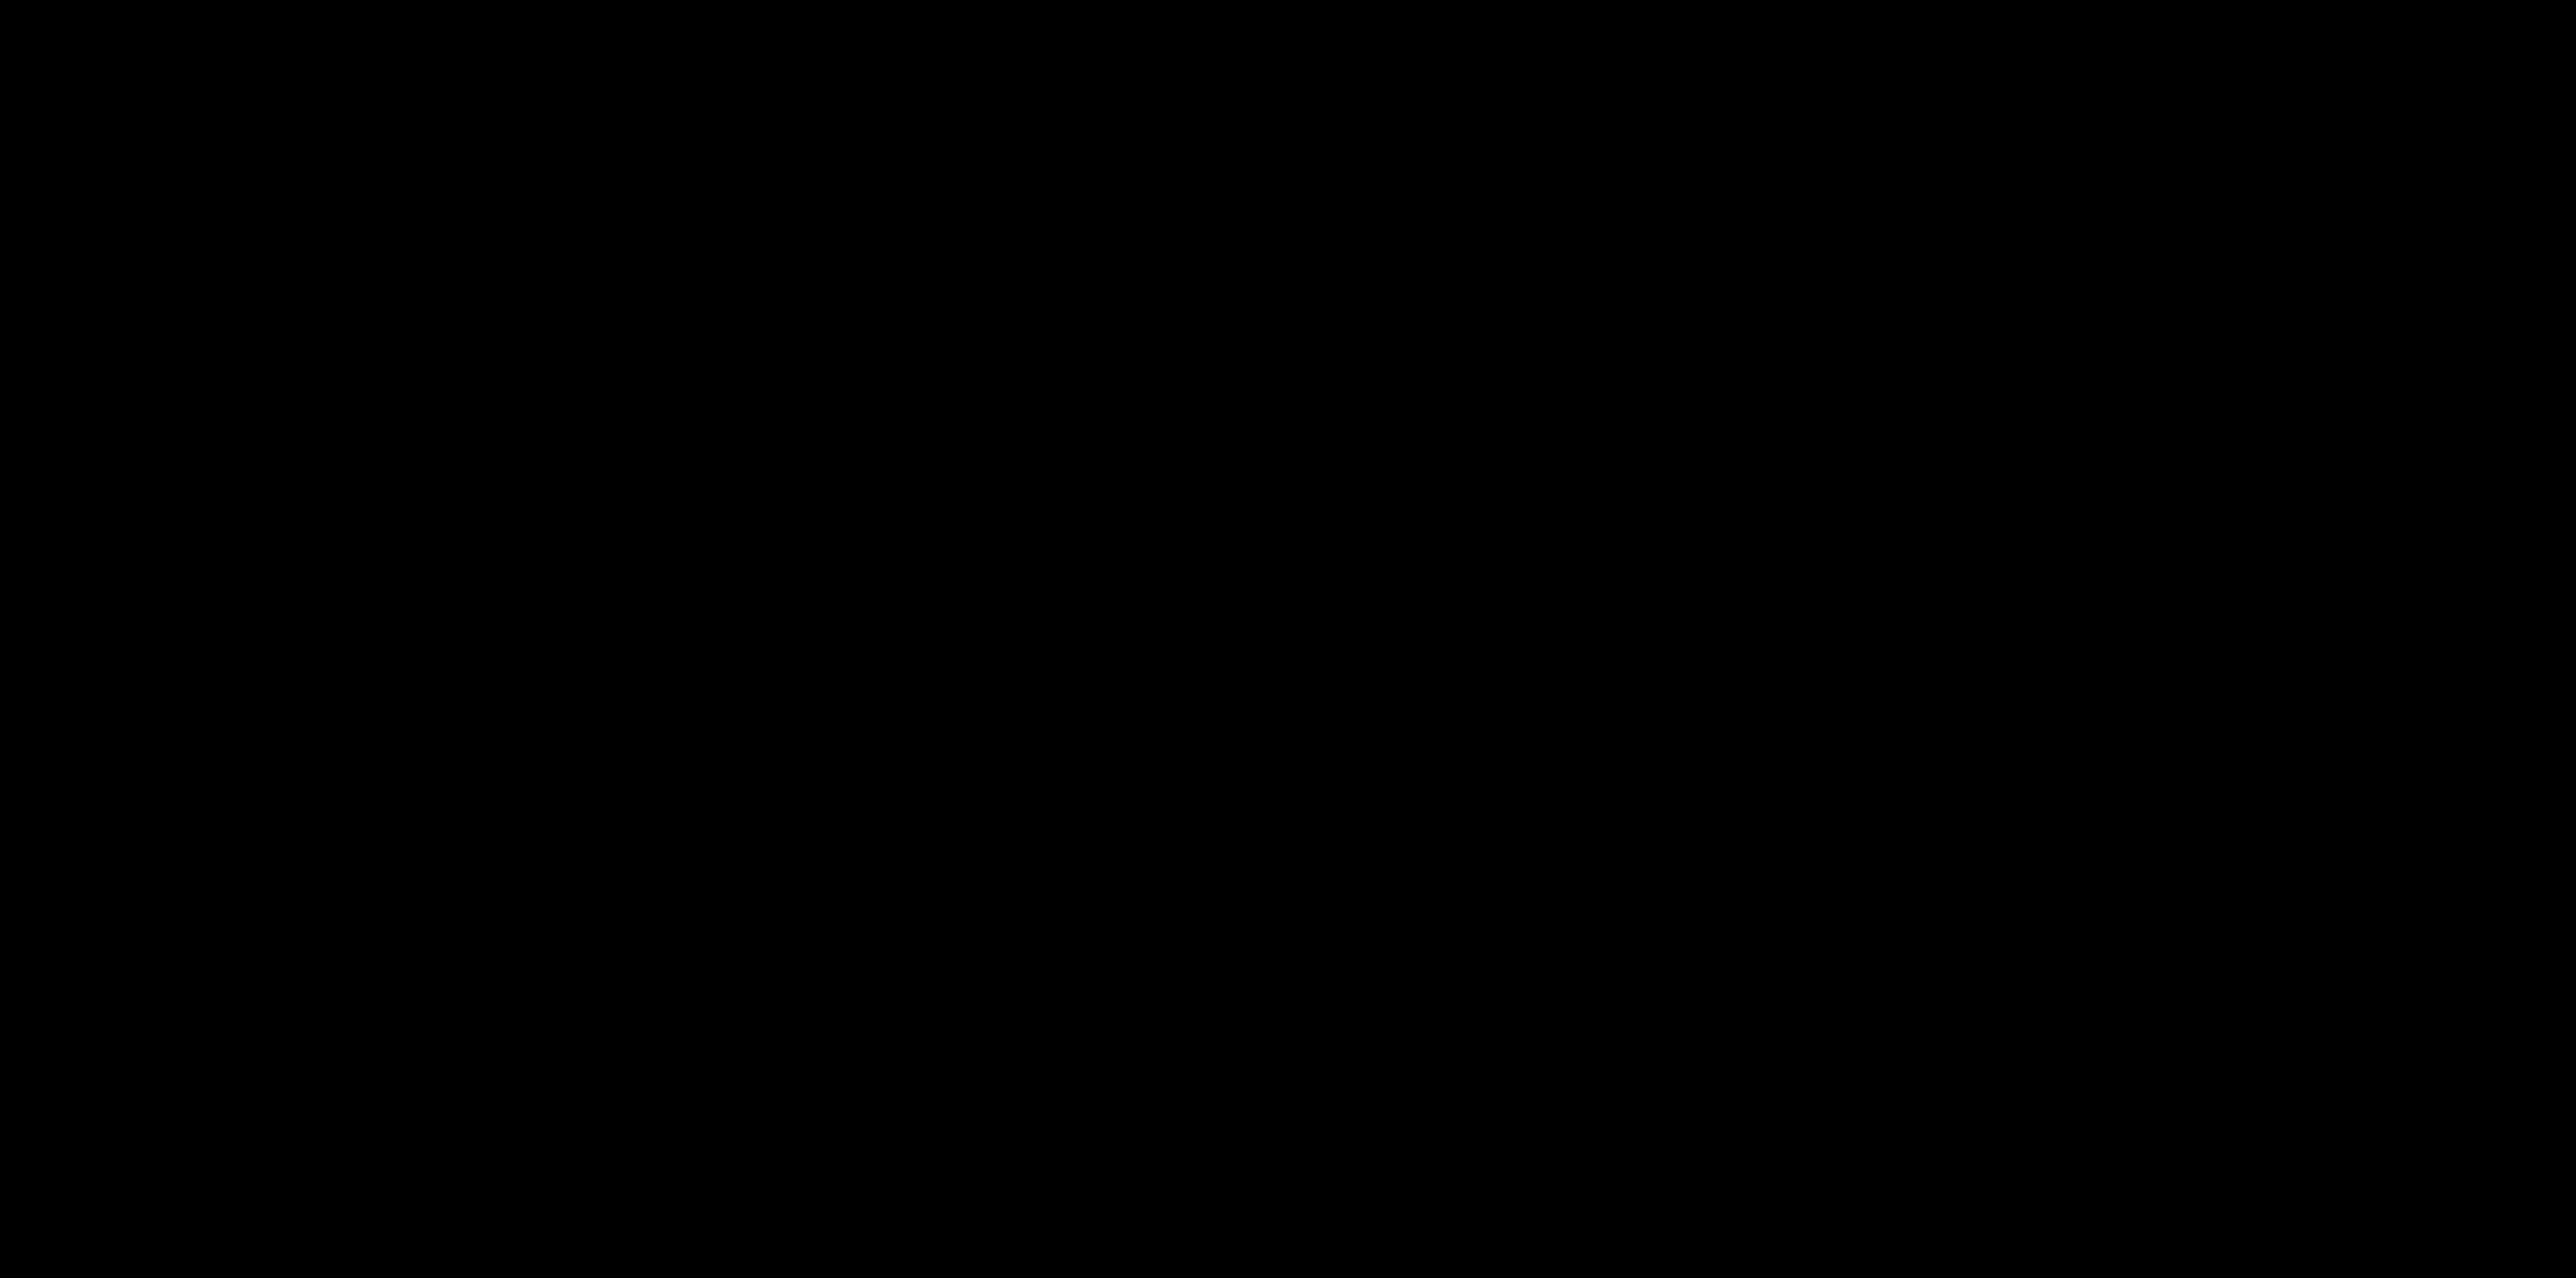 România și negocierea tratatului de neproliferare a armelor nucleare